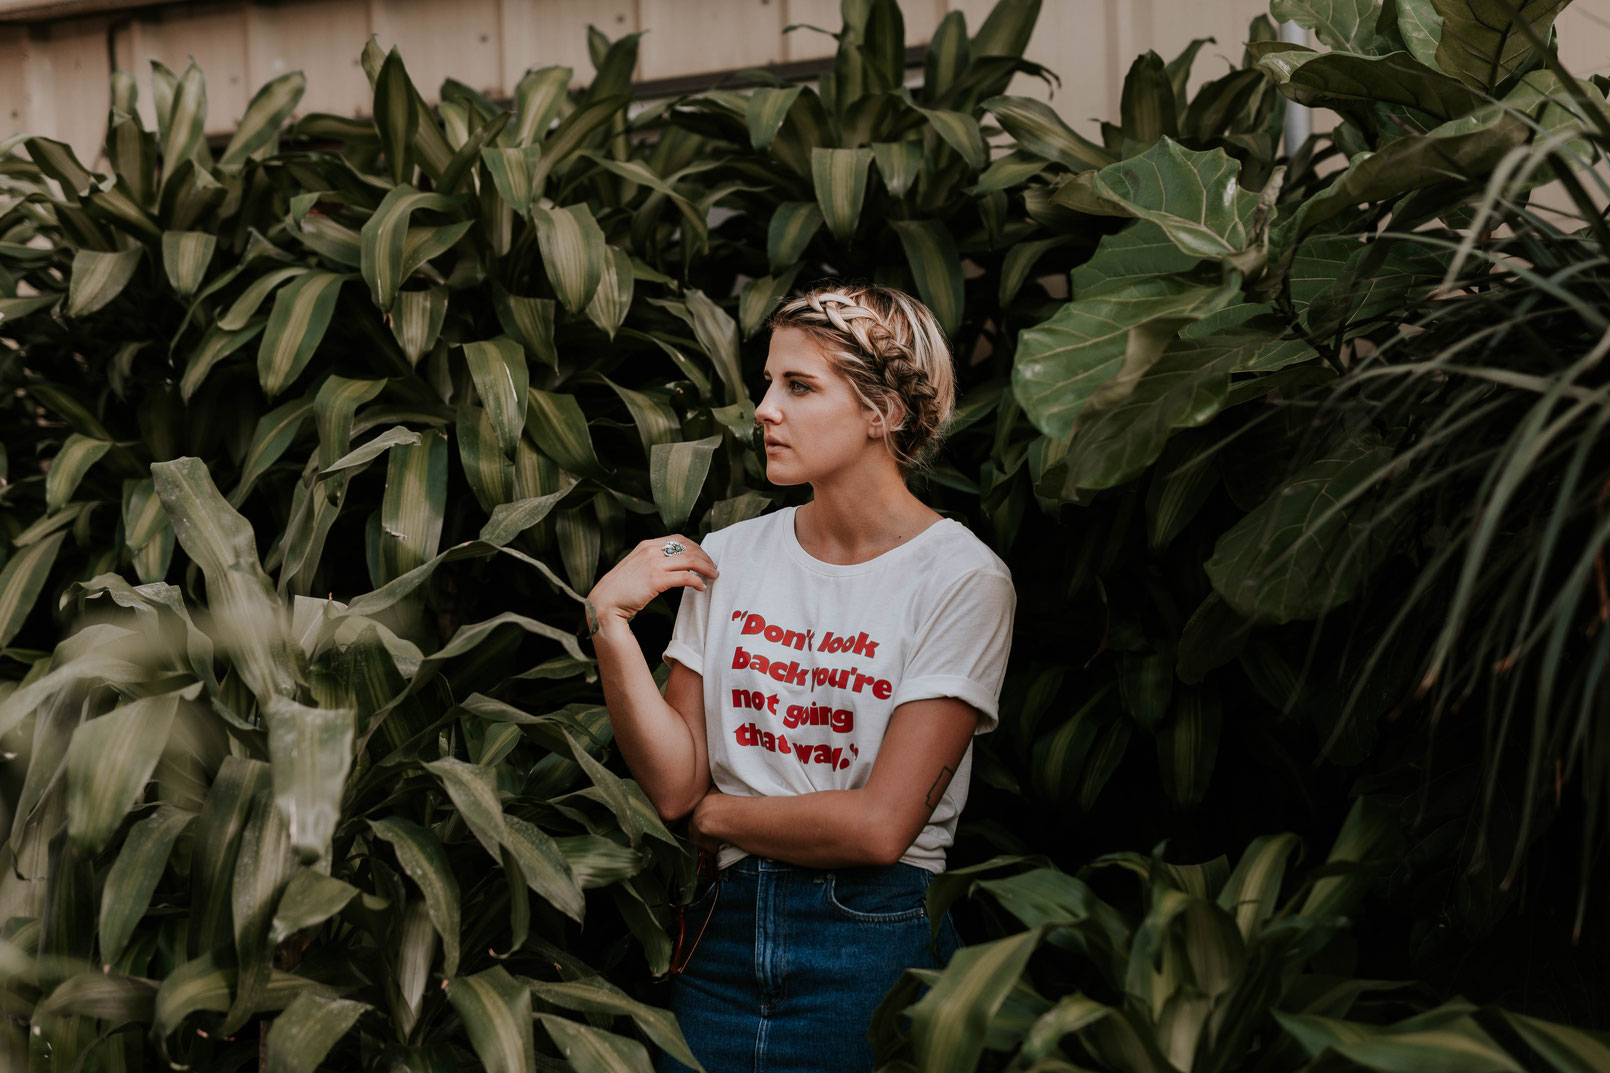 Zimmerpflanzen Schädlinge - Übersieht man jedoch die ersten Anzeichen des Befalls und die Schädlinge haben sich bereits fortgepflanzt und verbreitet, reichen diese einfachen Methoden zur Vorbeugung oft nicht mehr aus.